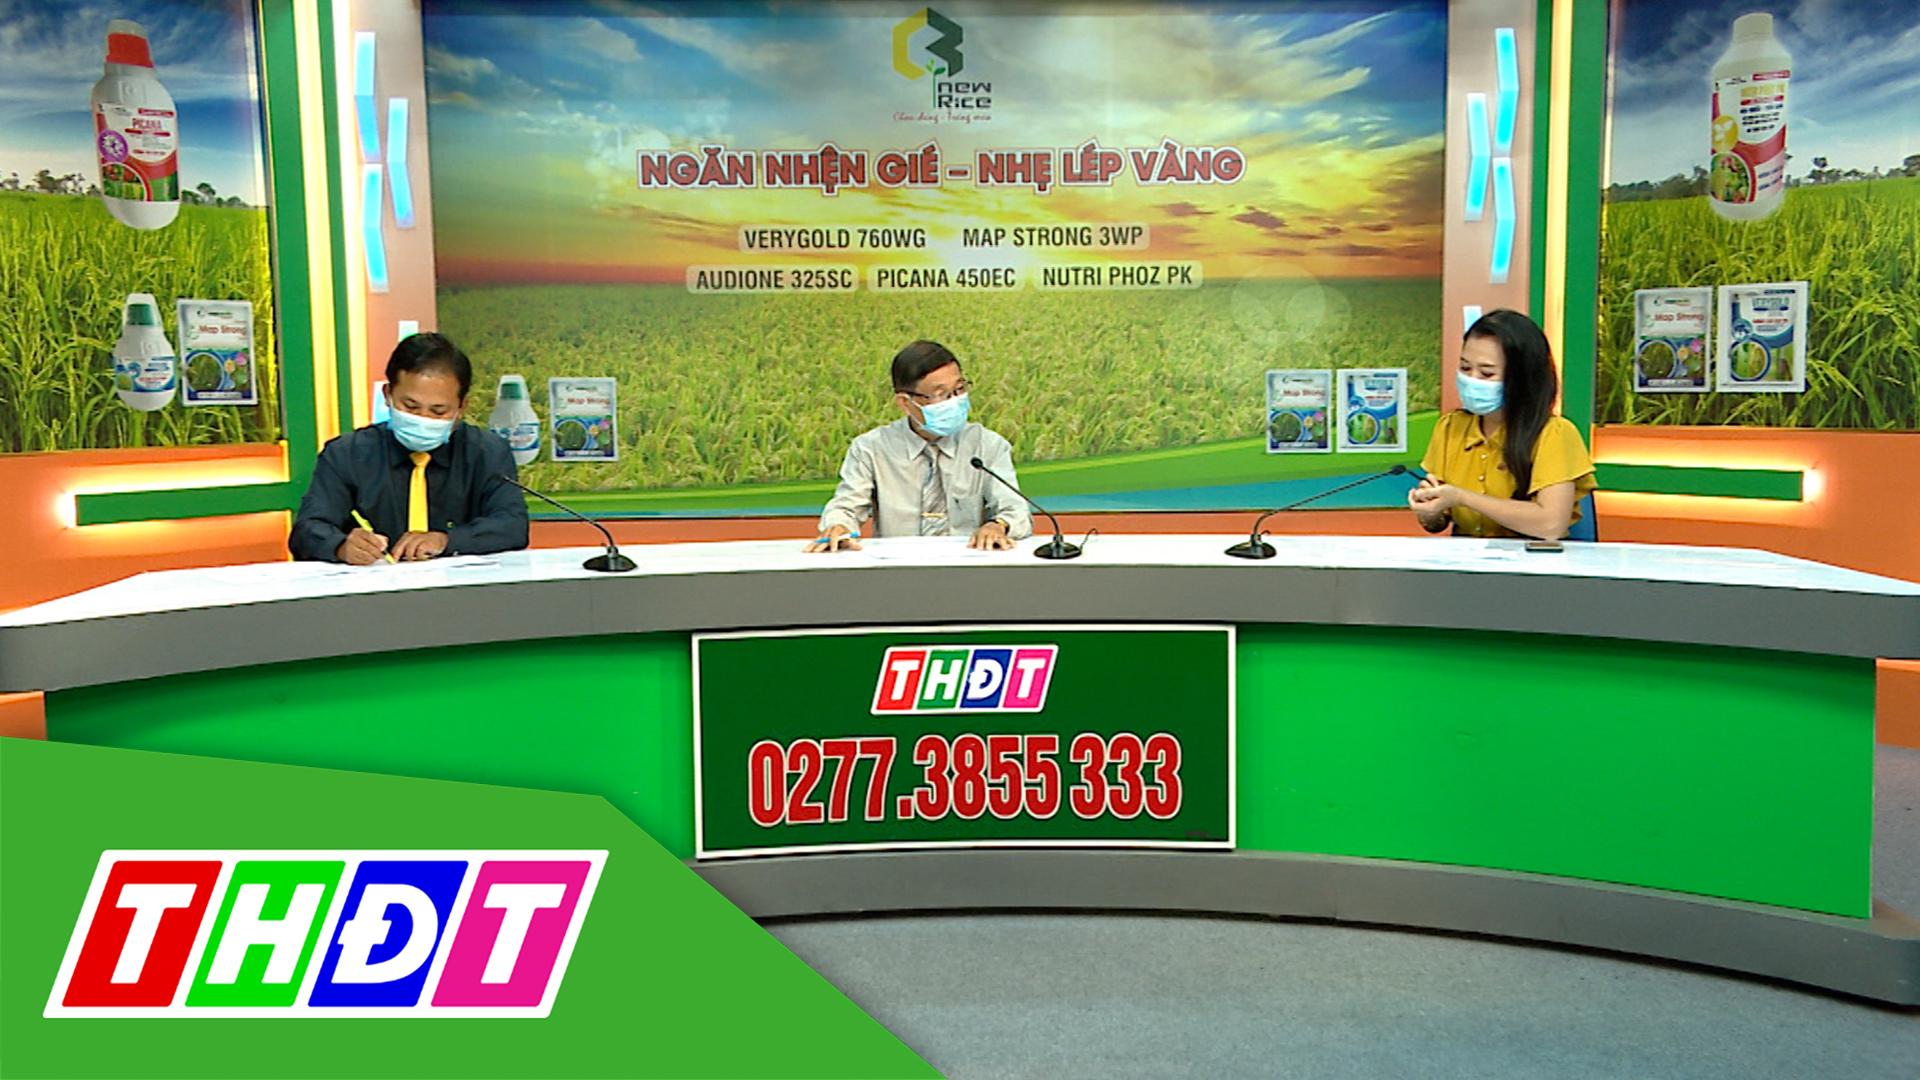 Tư vấn Khuyến nông - 7/6/2021 - Ngăn nhện gié - Nhẹ lép vàng